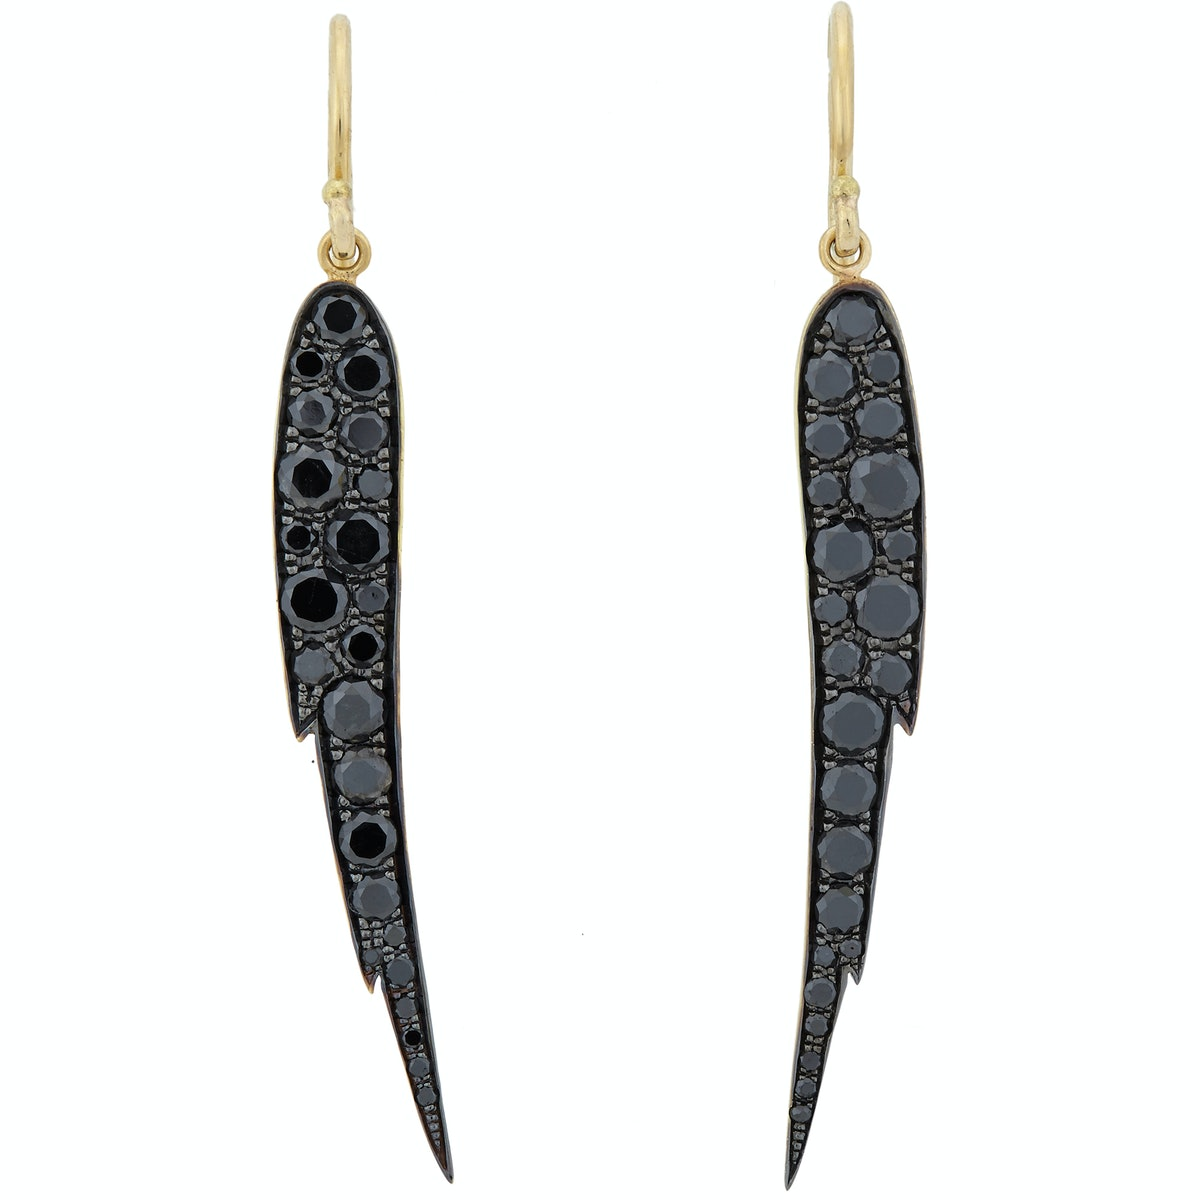 Finn earrings